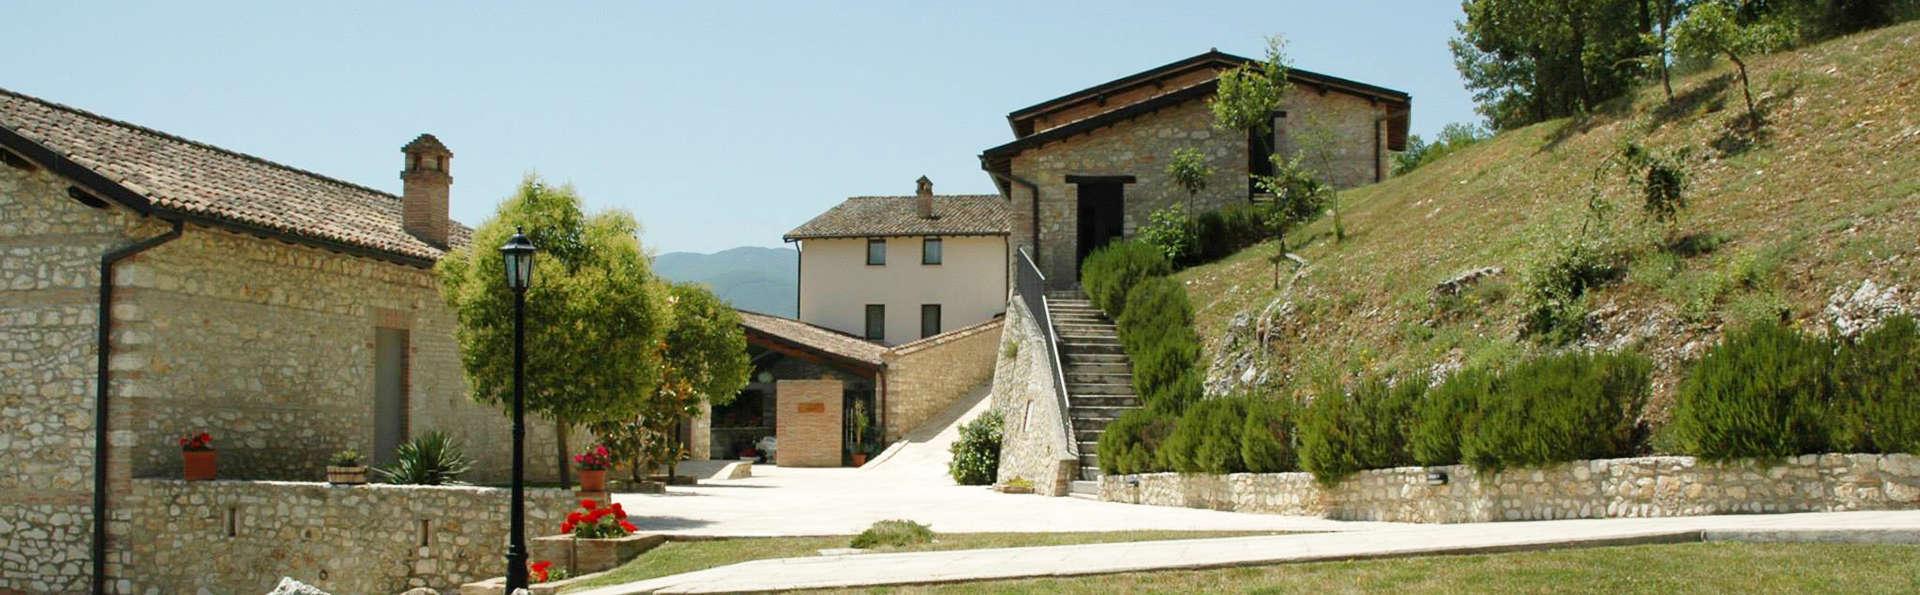 Relais Villa d'Assio - edit_facade.jpg